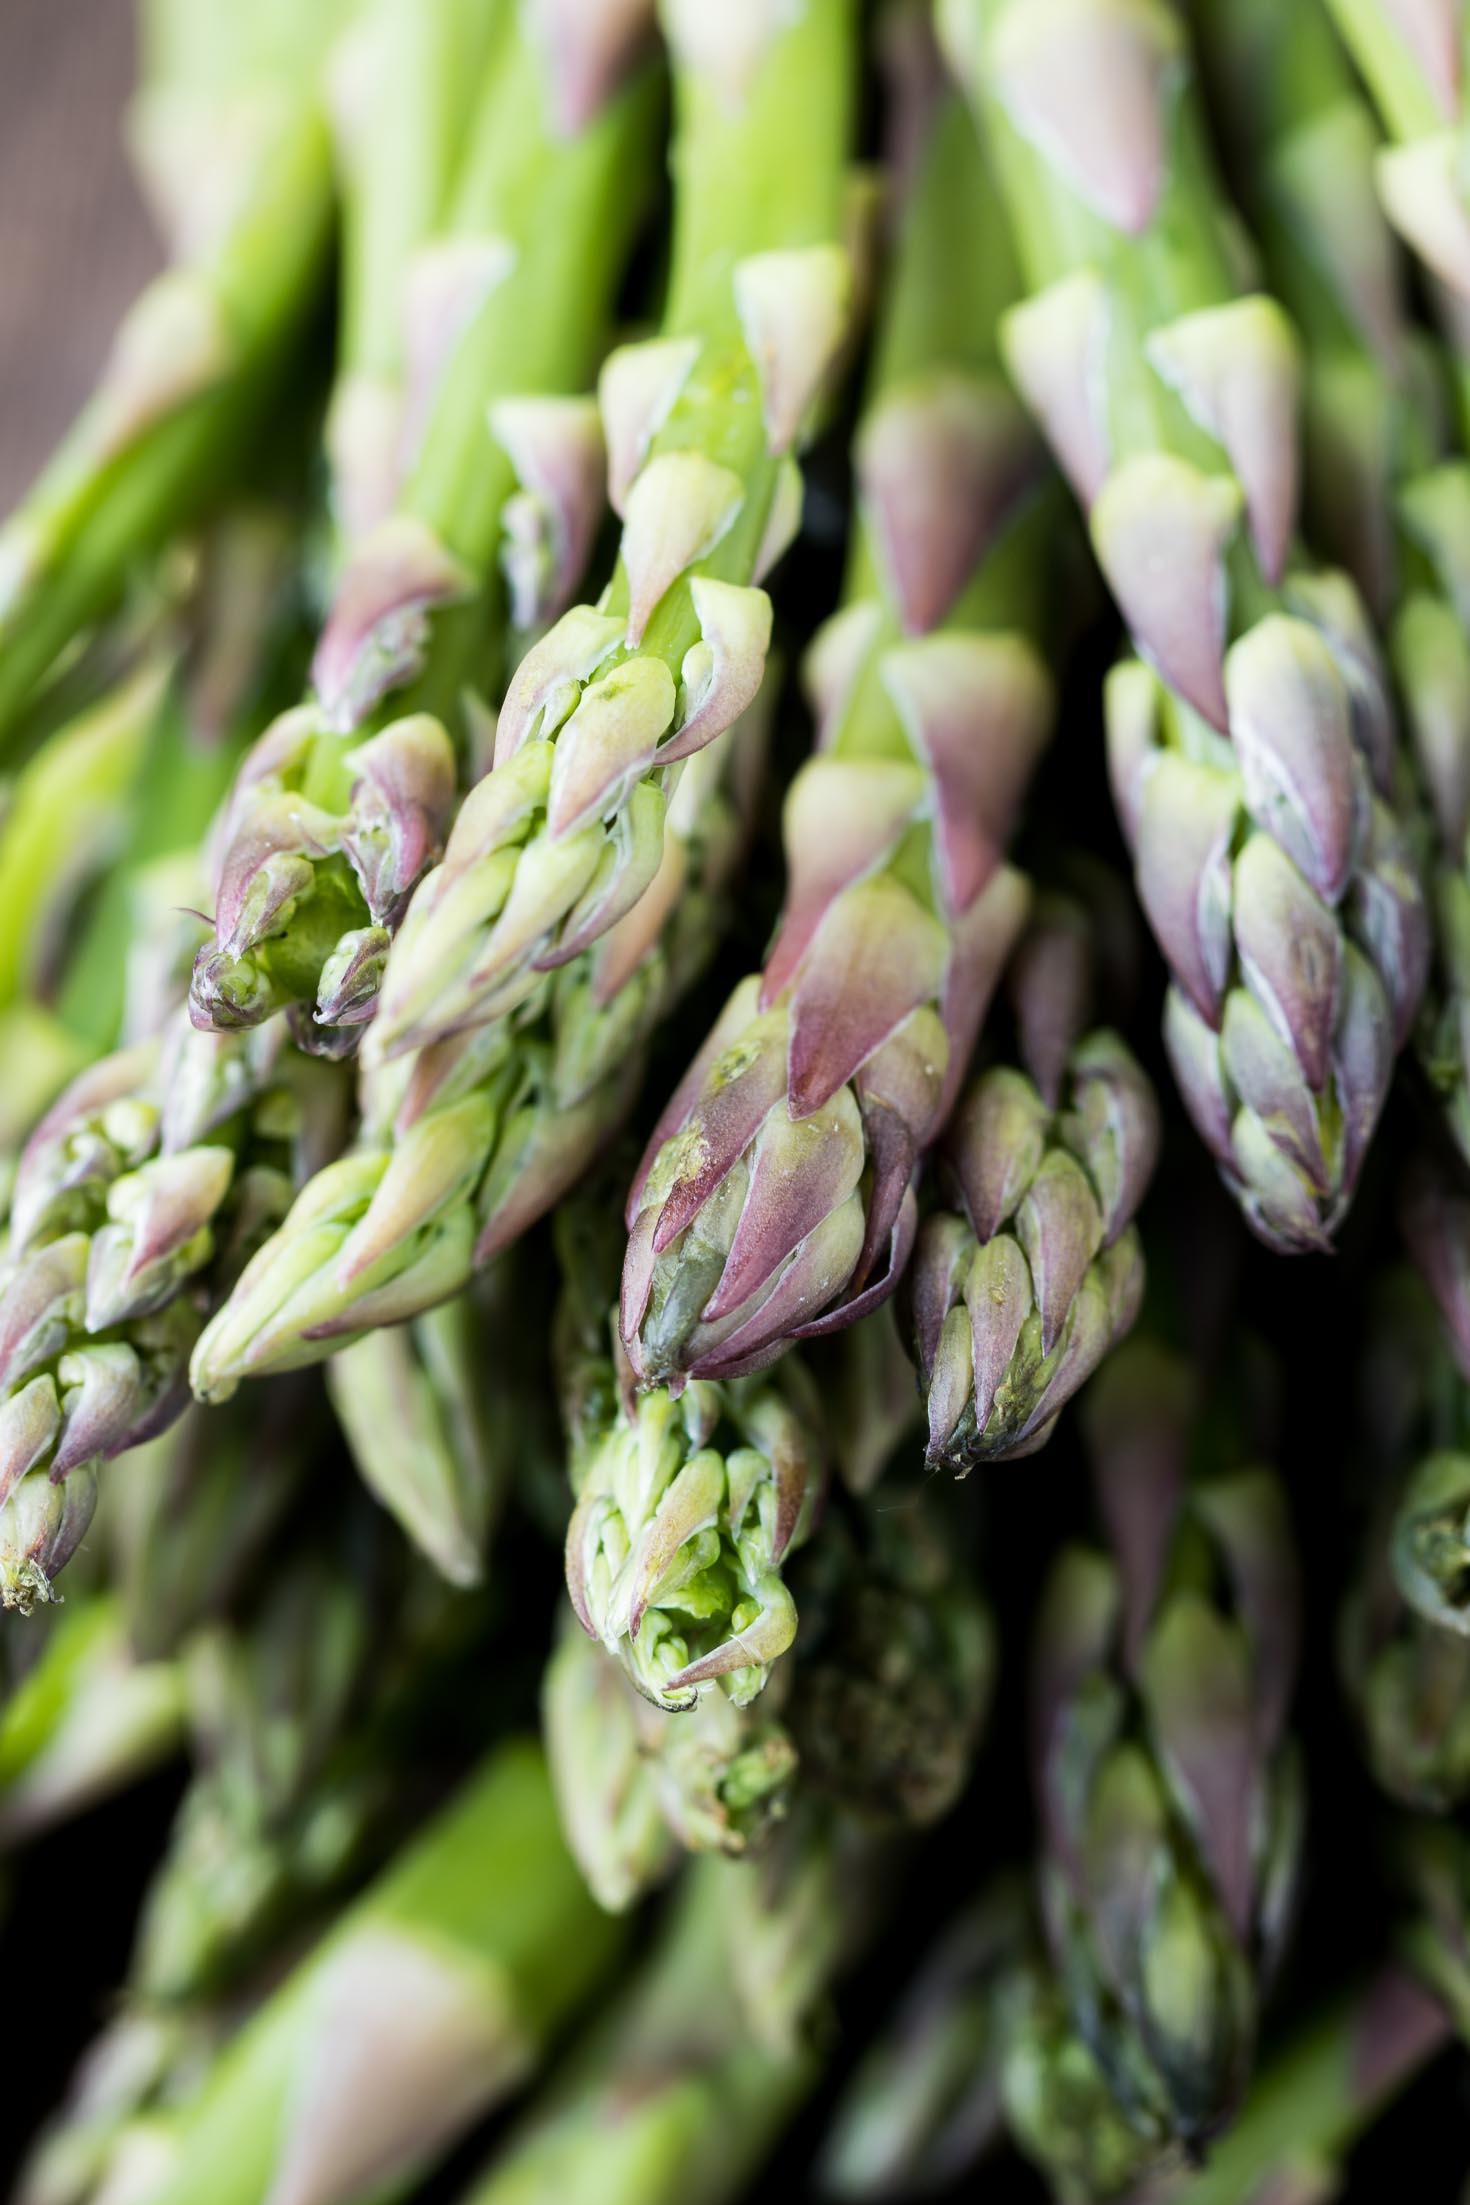 asparagus-close up view